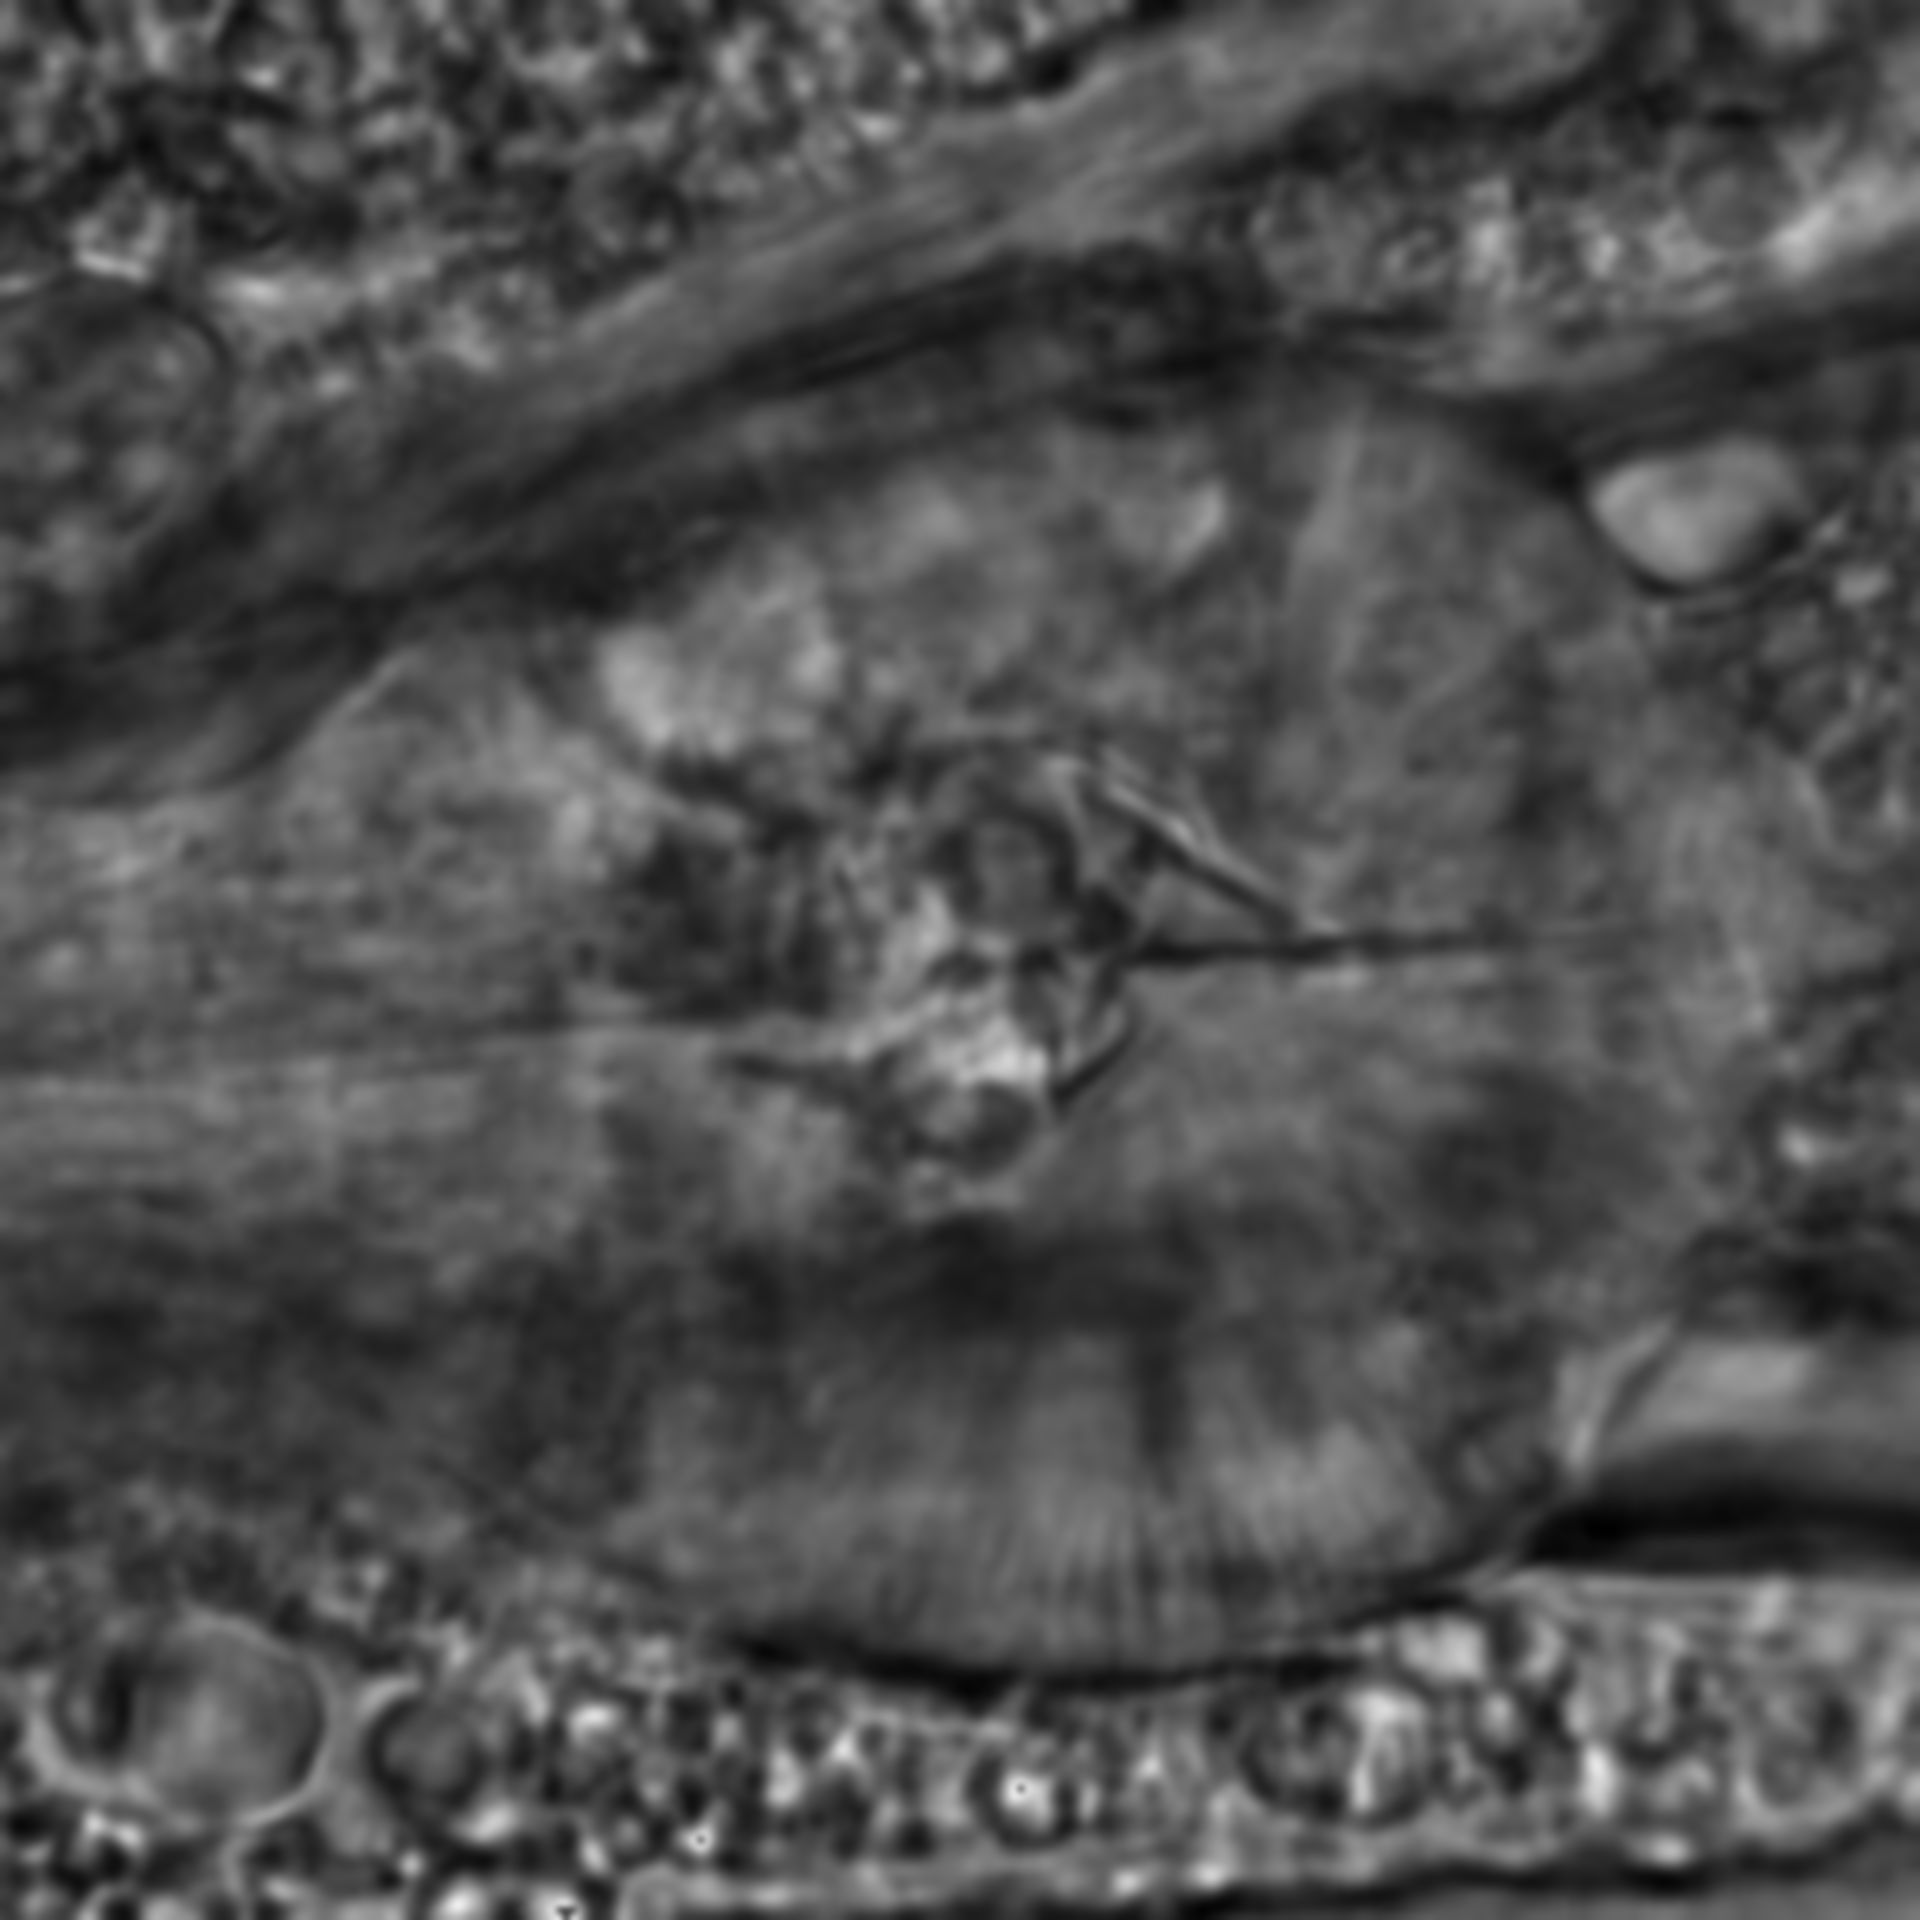 Caenorhabditis elegans - CIL:1947